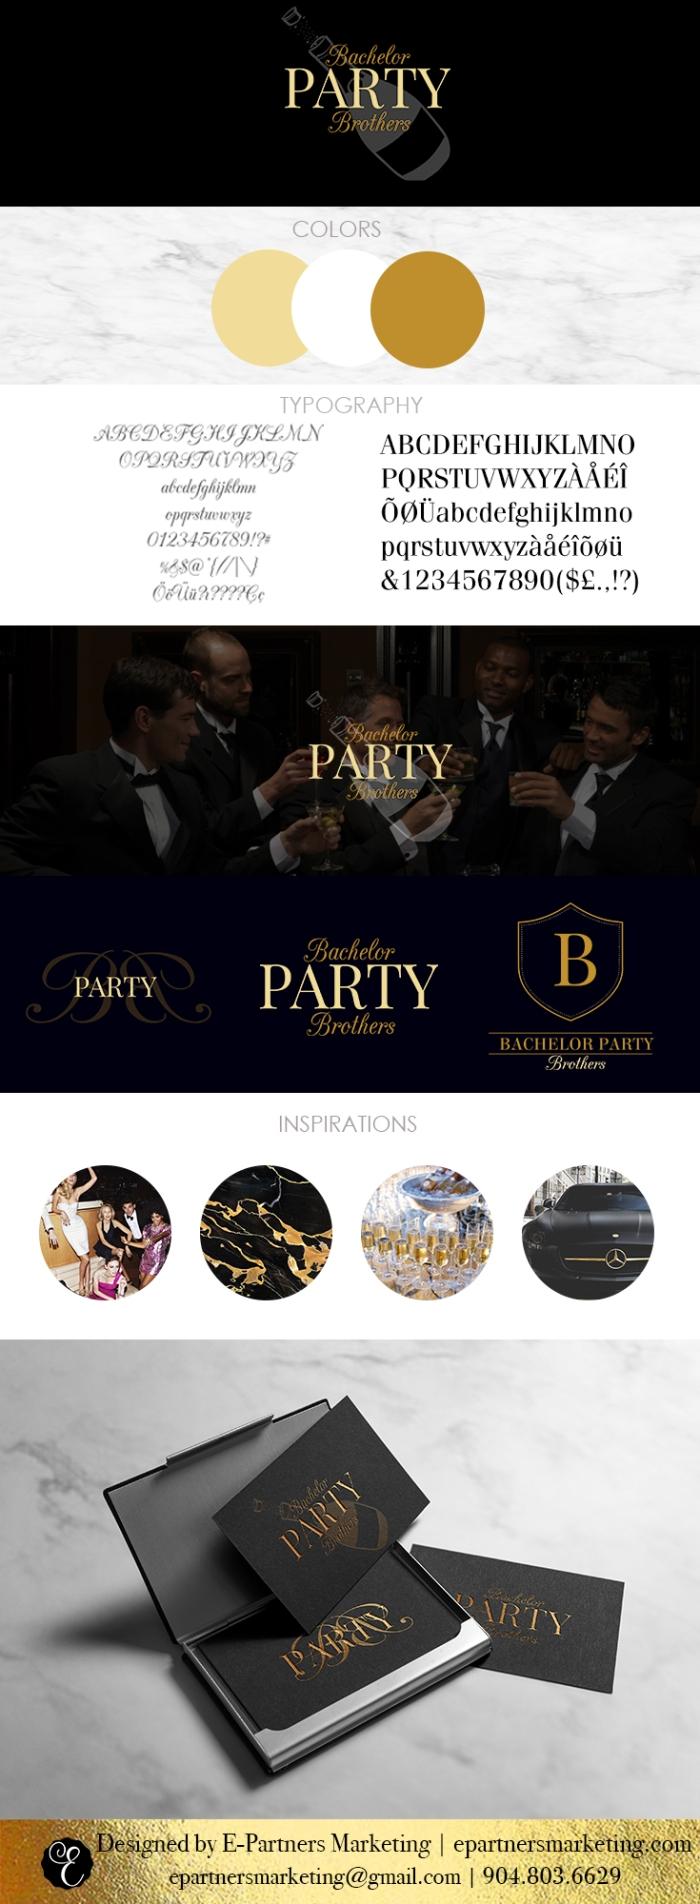 Logo Design Style Sheet - Custom Branding - E-Partners Marketing